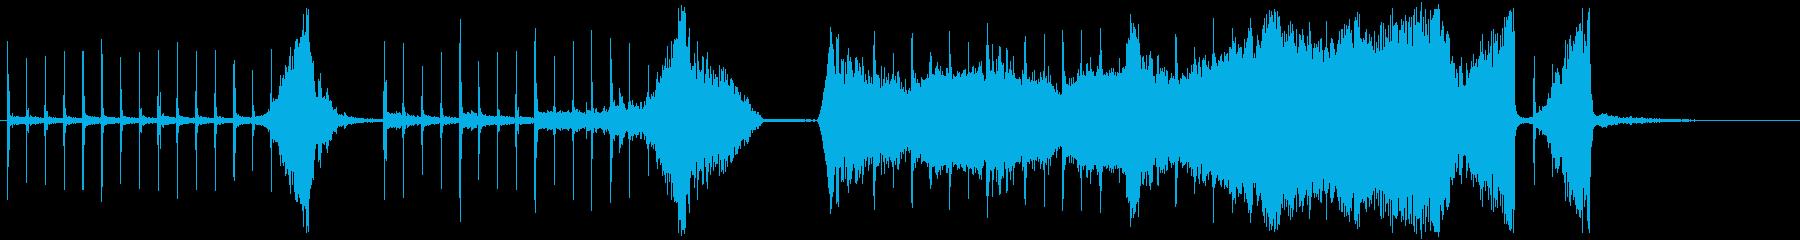 クリック音の緊張感・ホラーサスペンス風の再生済みの波形